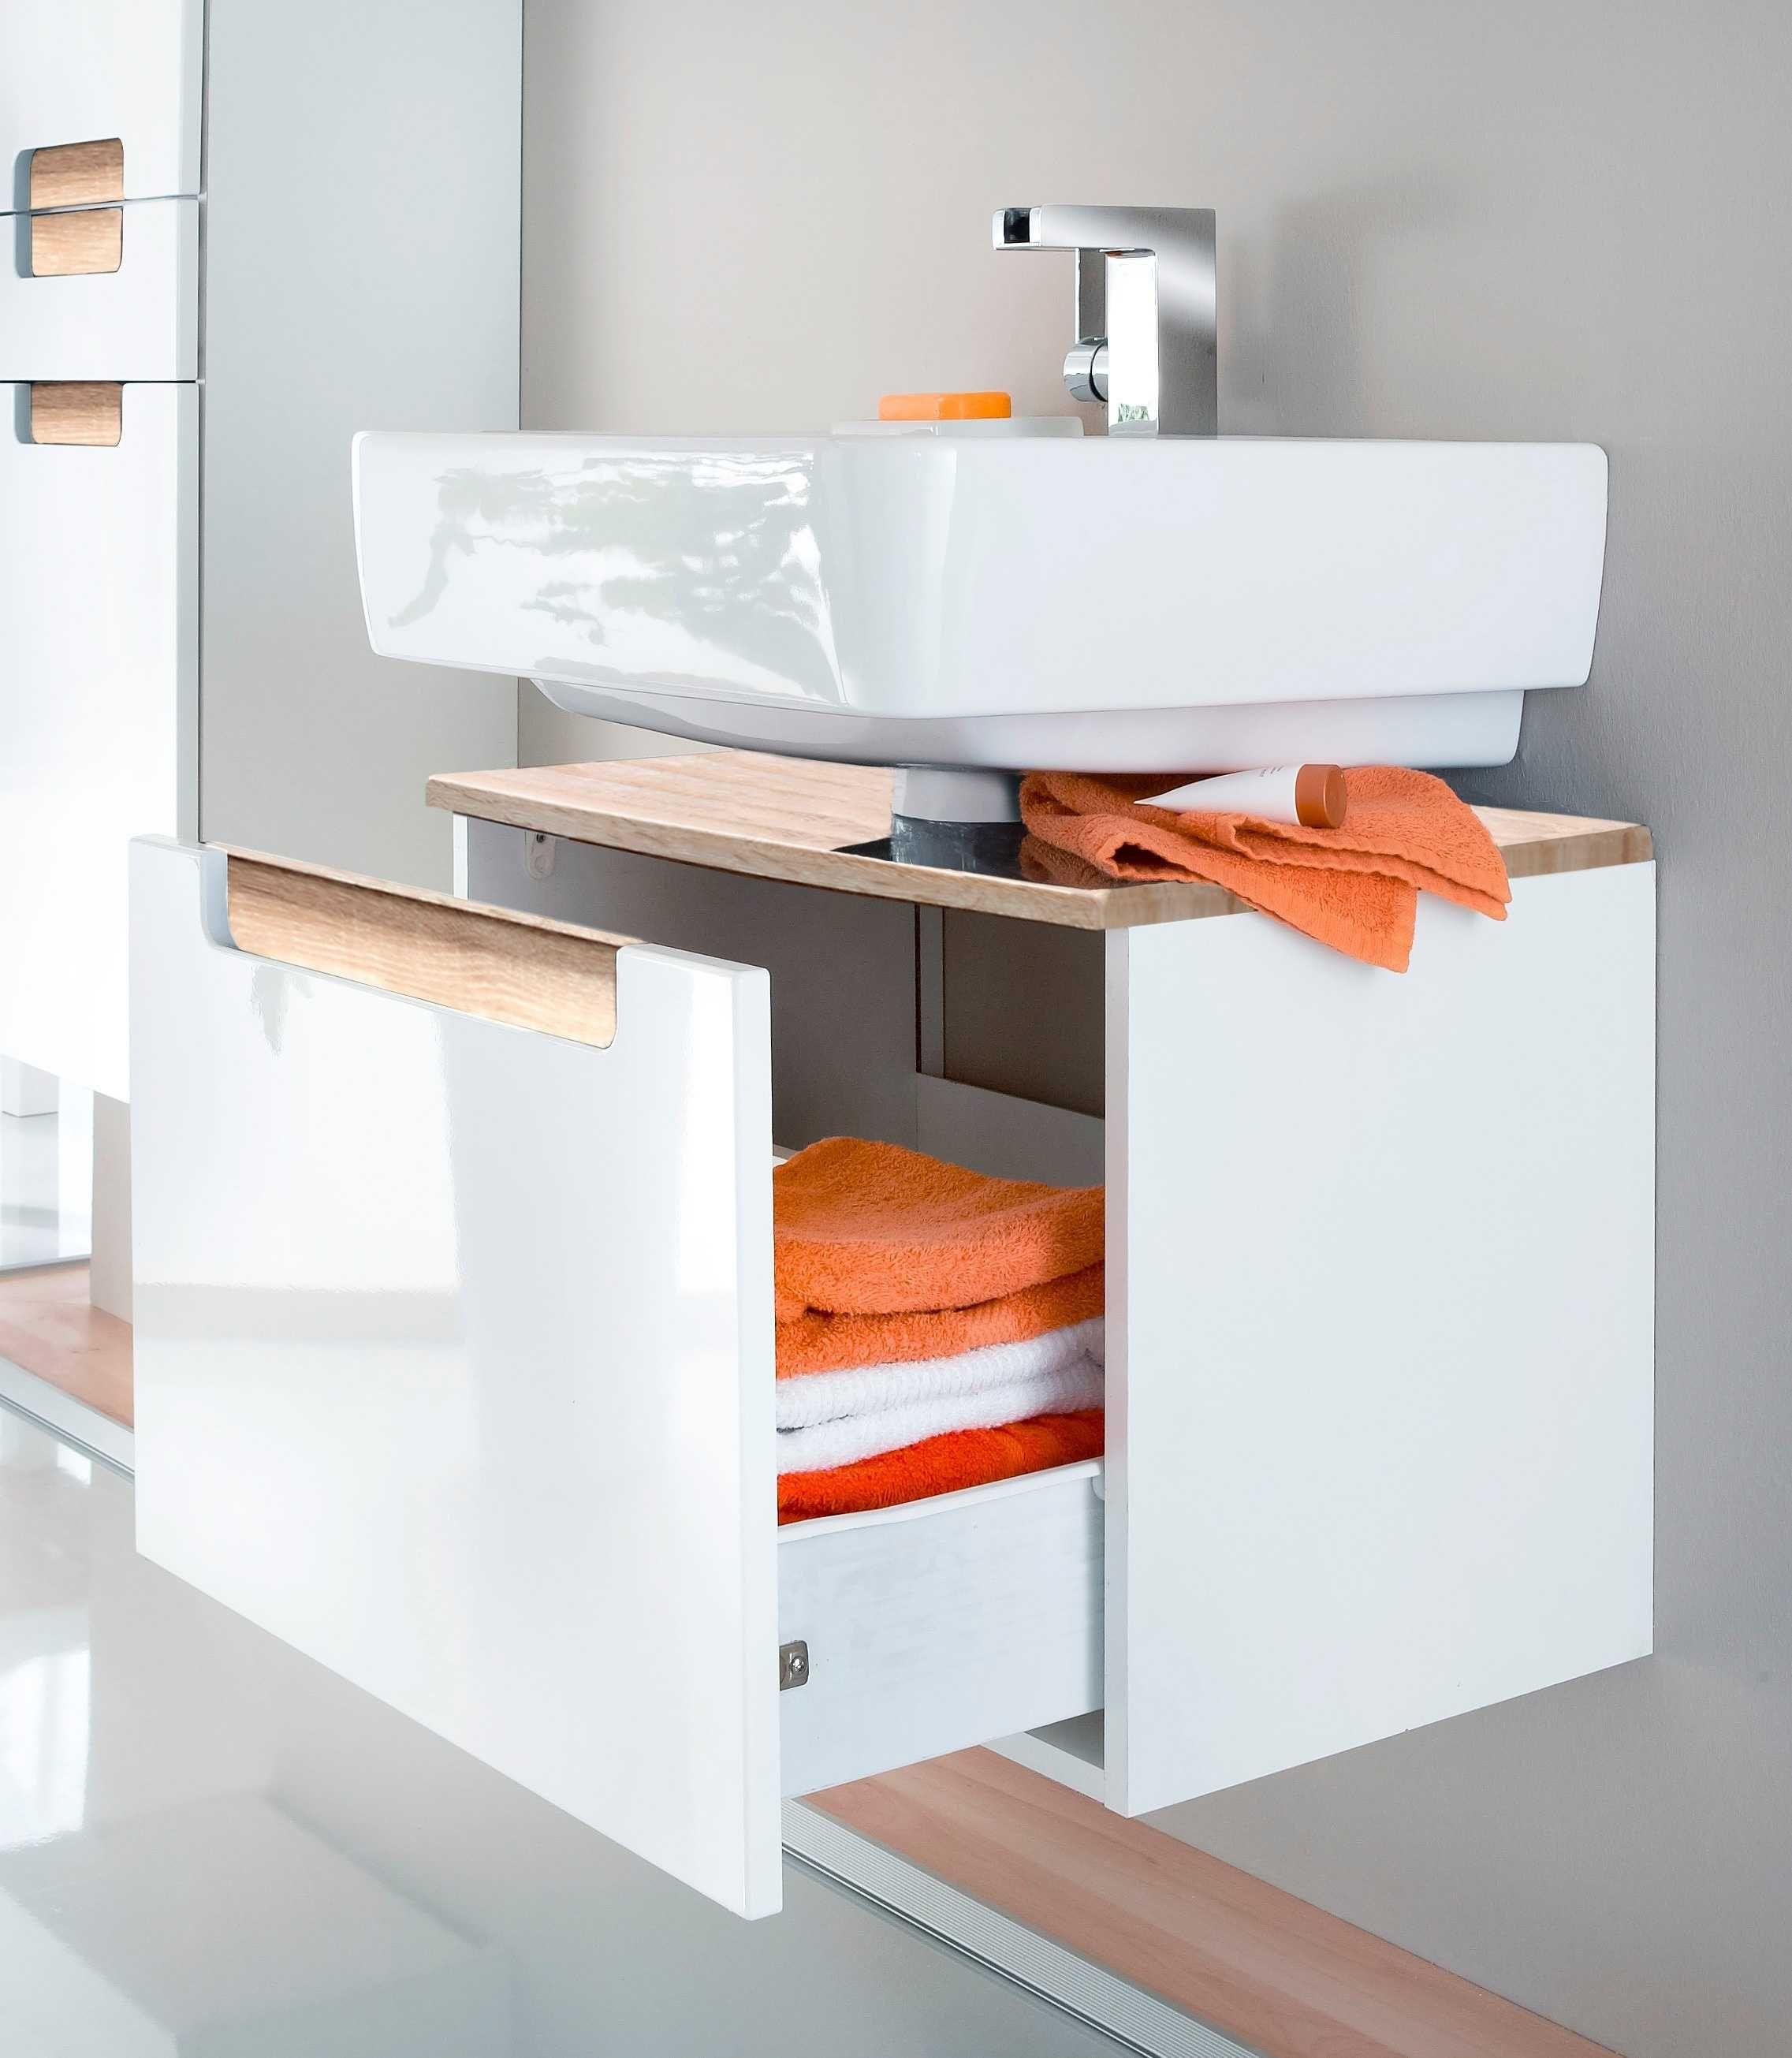 Held Mobel Waschbeckenunterschrank Siena Breite 60 Cm Hagebau De Waschbeckenunterschrank Waschtisch Klein Ikea Waschbeckenunterschrank